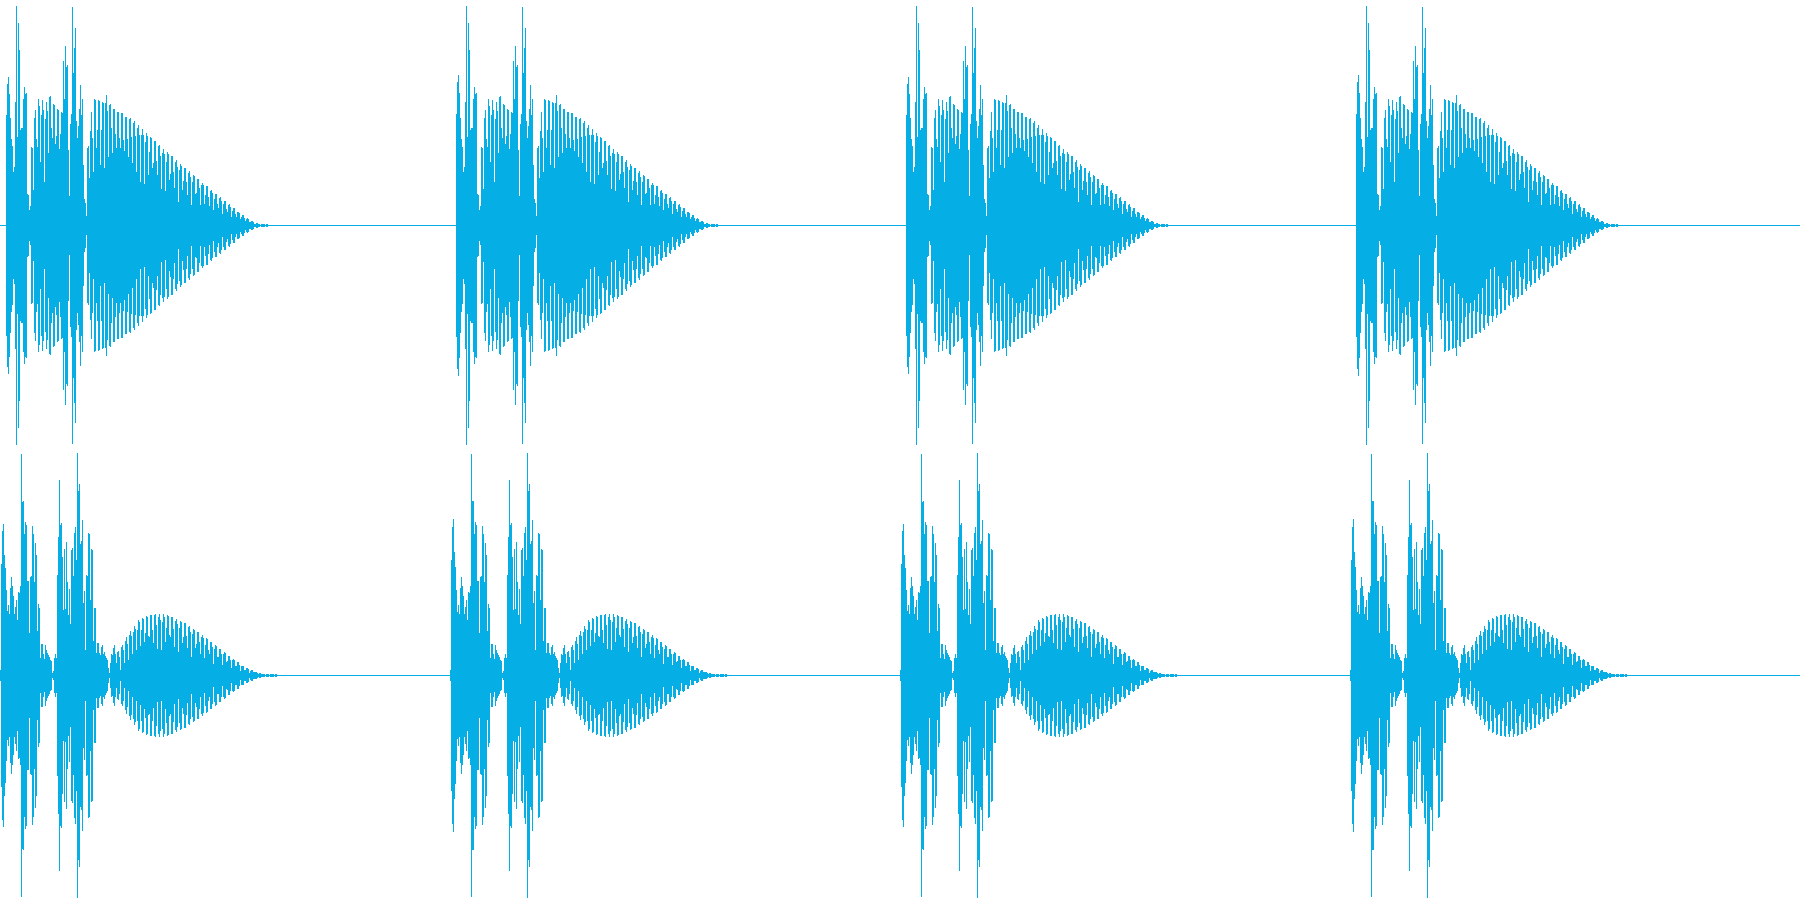 HeartBeat 心臓の音 1 ループの再生済みの波形